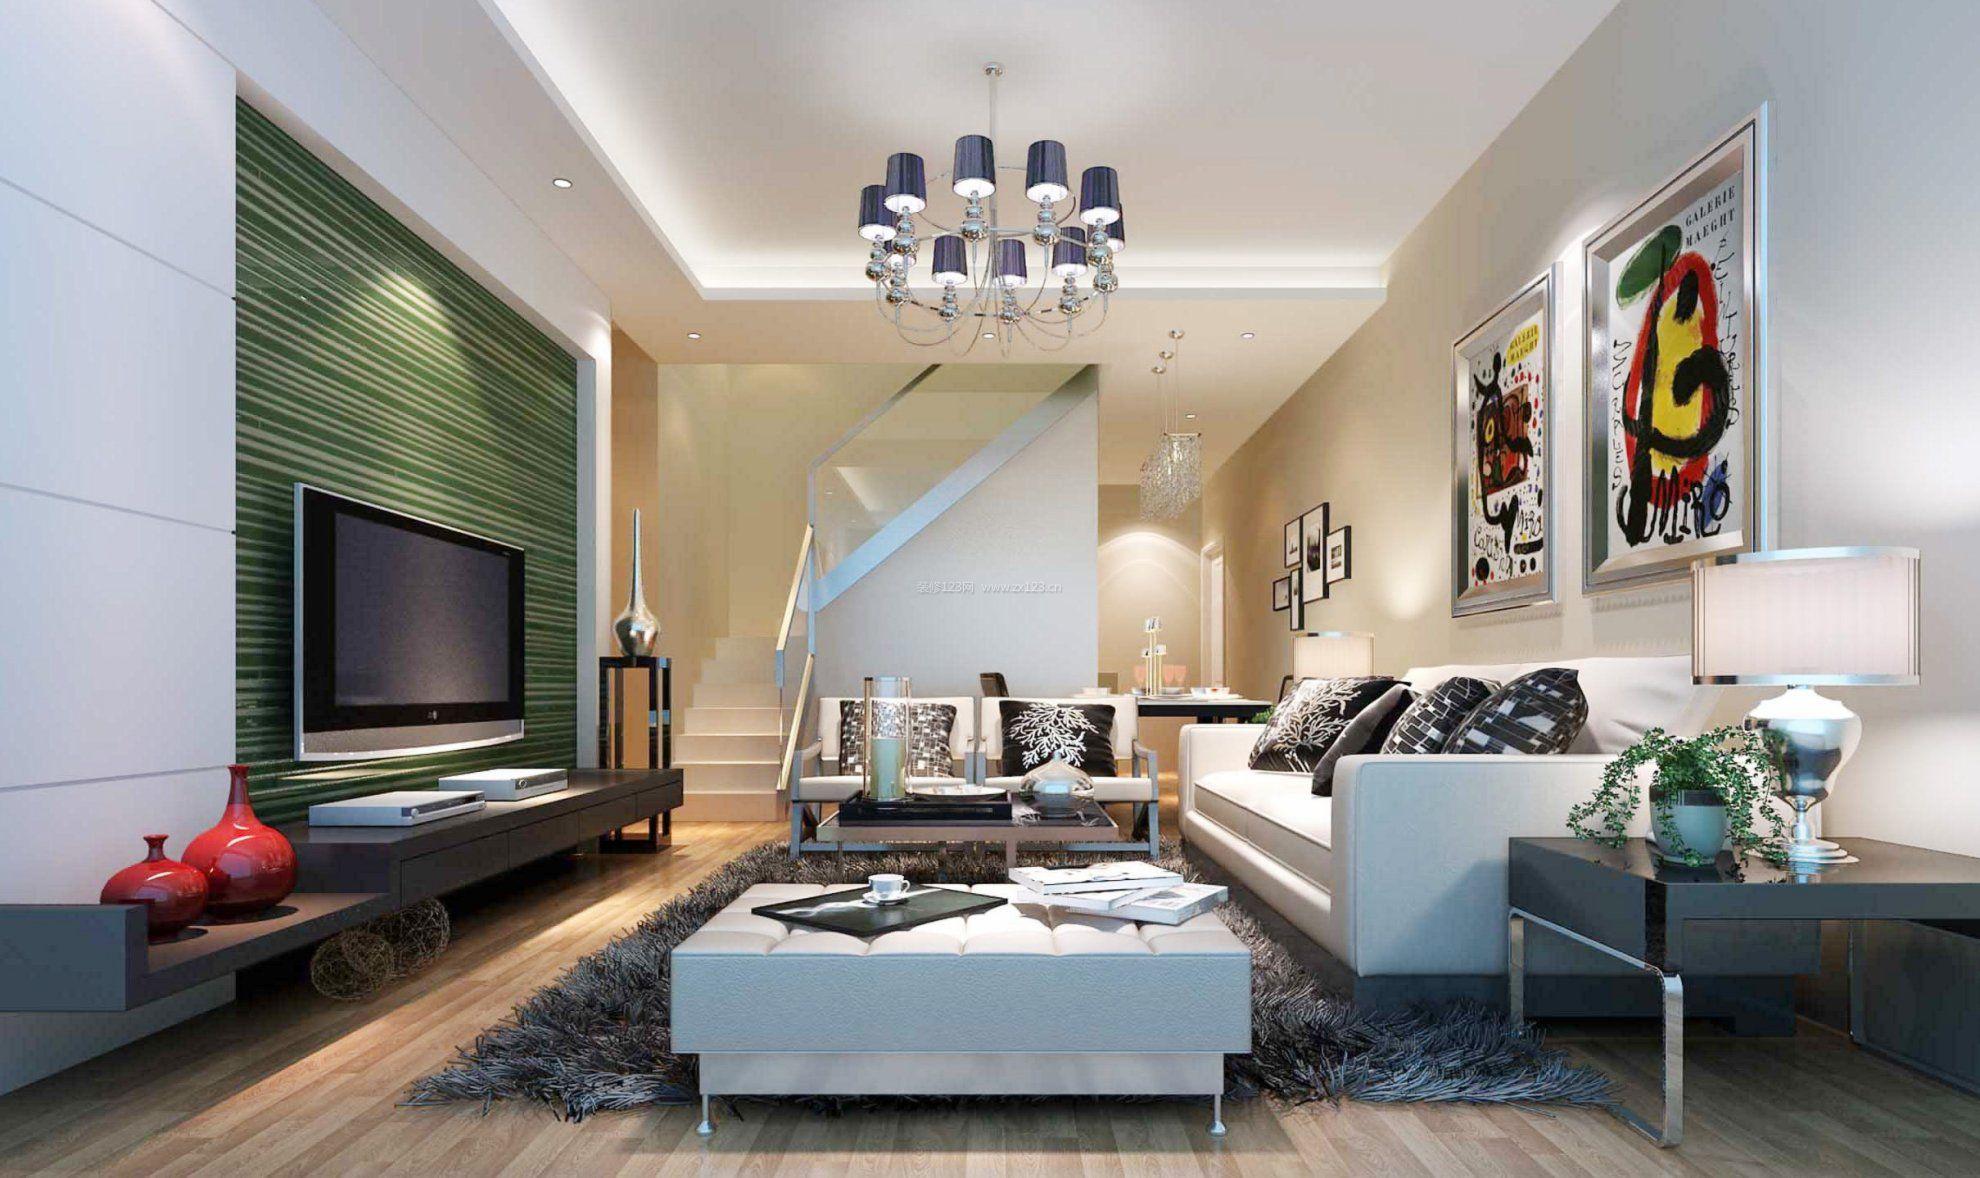 2017时尚风格客厅吊顶沙发装修效果图欣赏